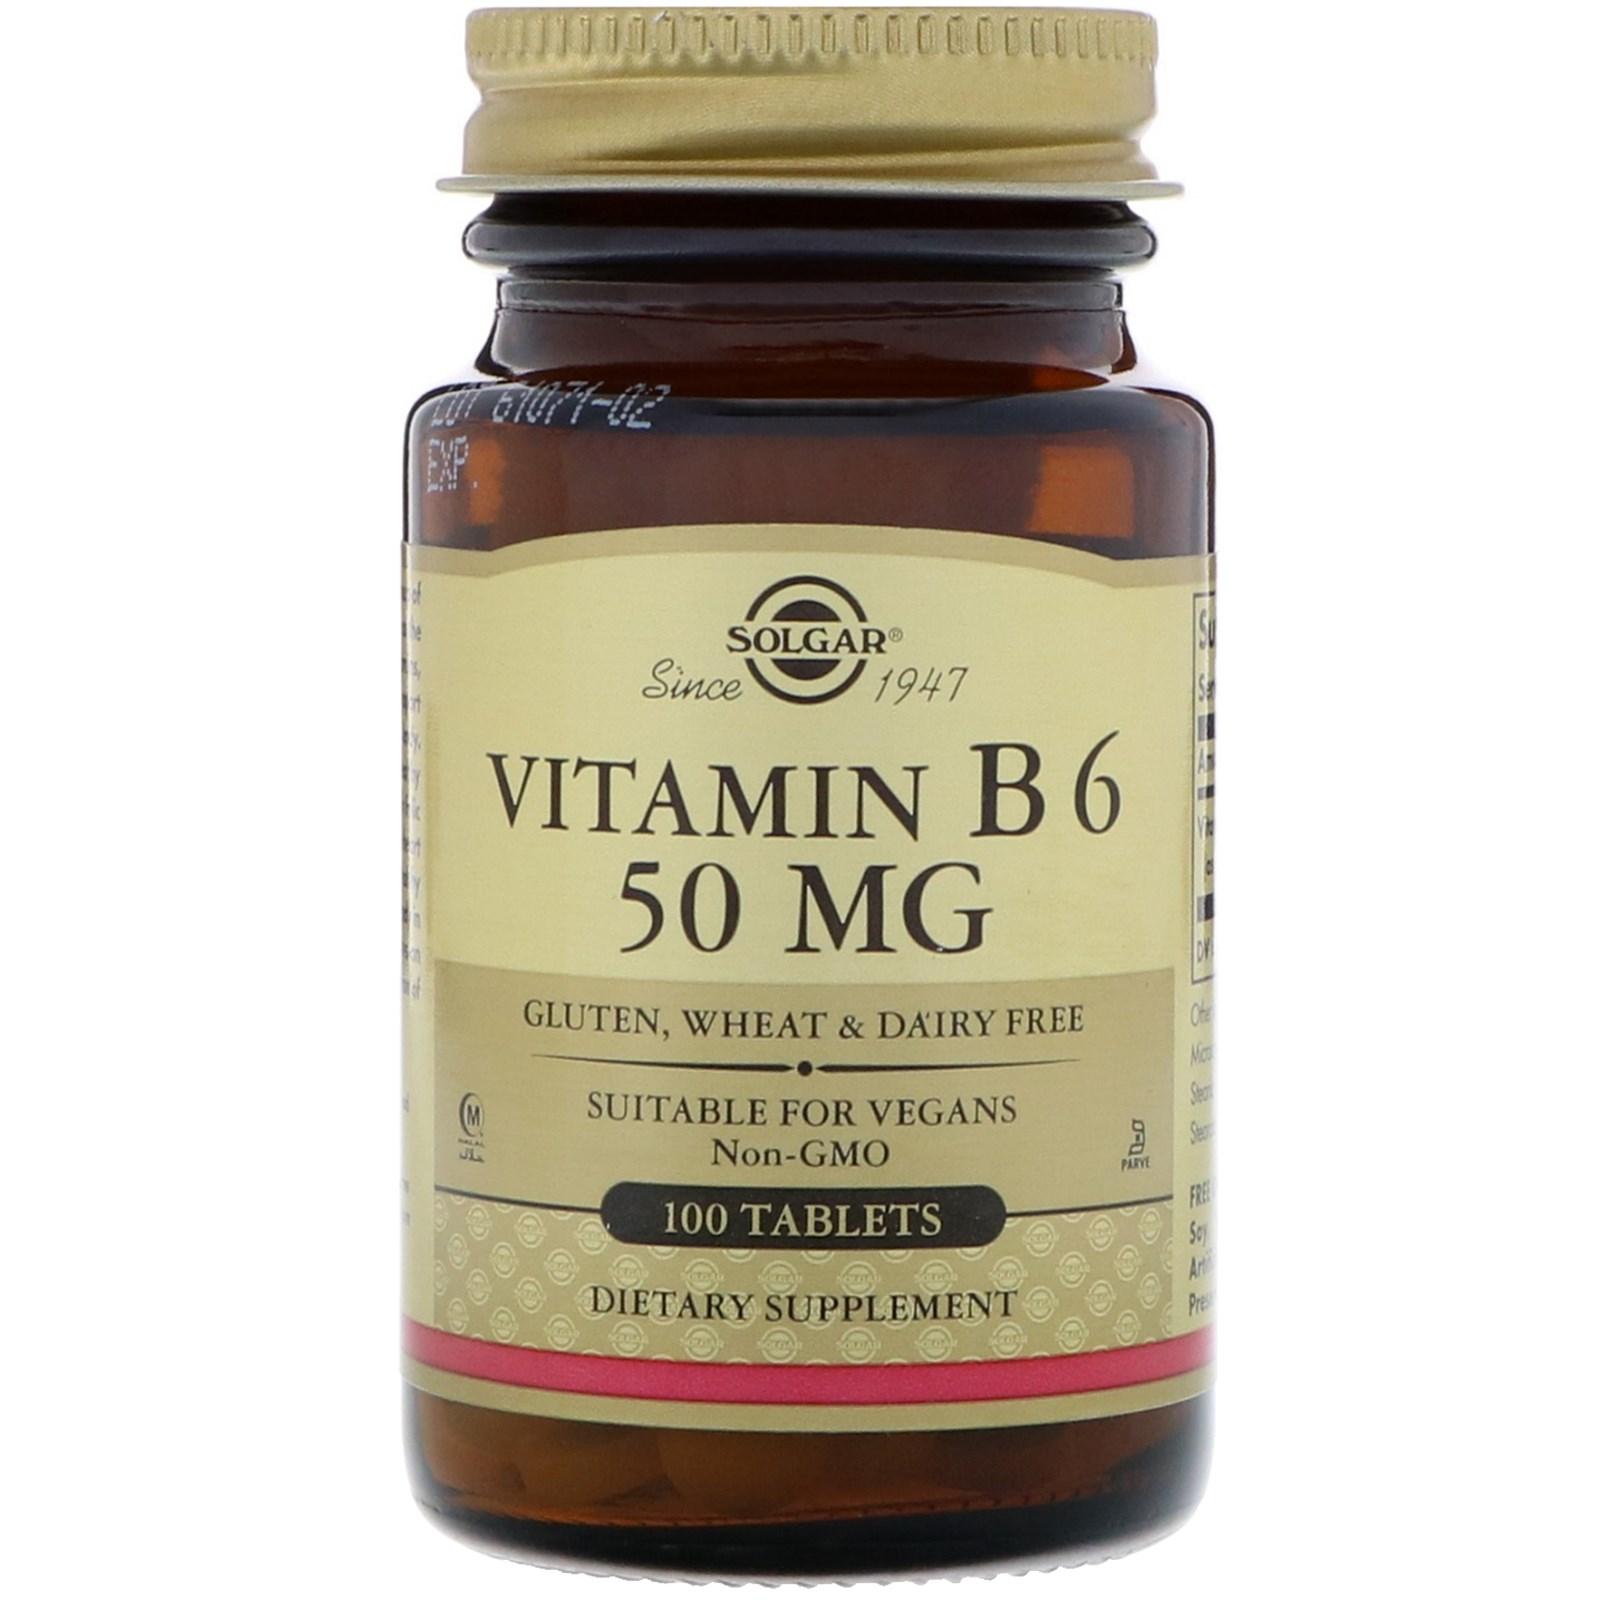 Solgar, Vitamin B6, 50mg, 100 Tablets